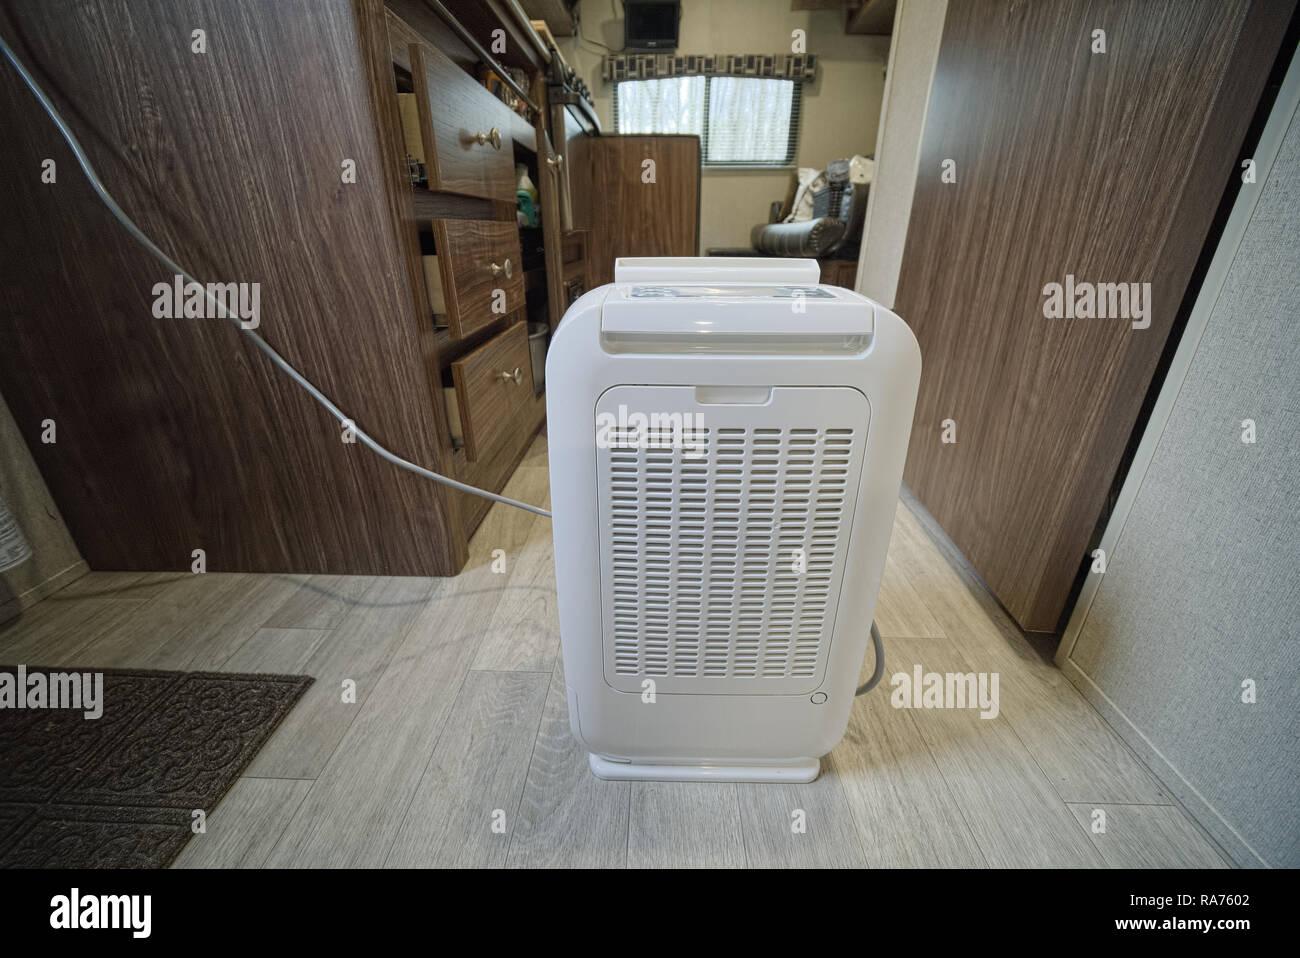 Trockenmittel Trockenmittel Innen RV travel trailers mit Schubladen und Schränke öffnen. Geschehen zu RV trocken während der Lagerung zu halten. Stockbild